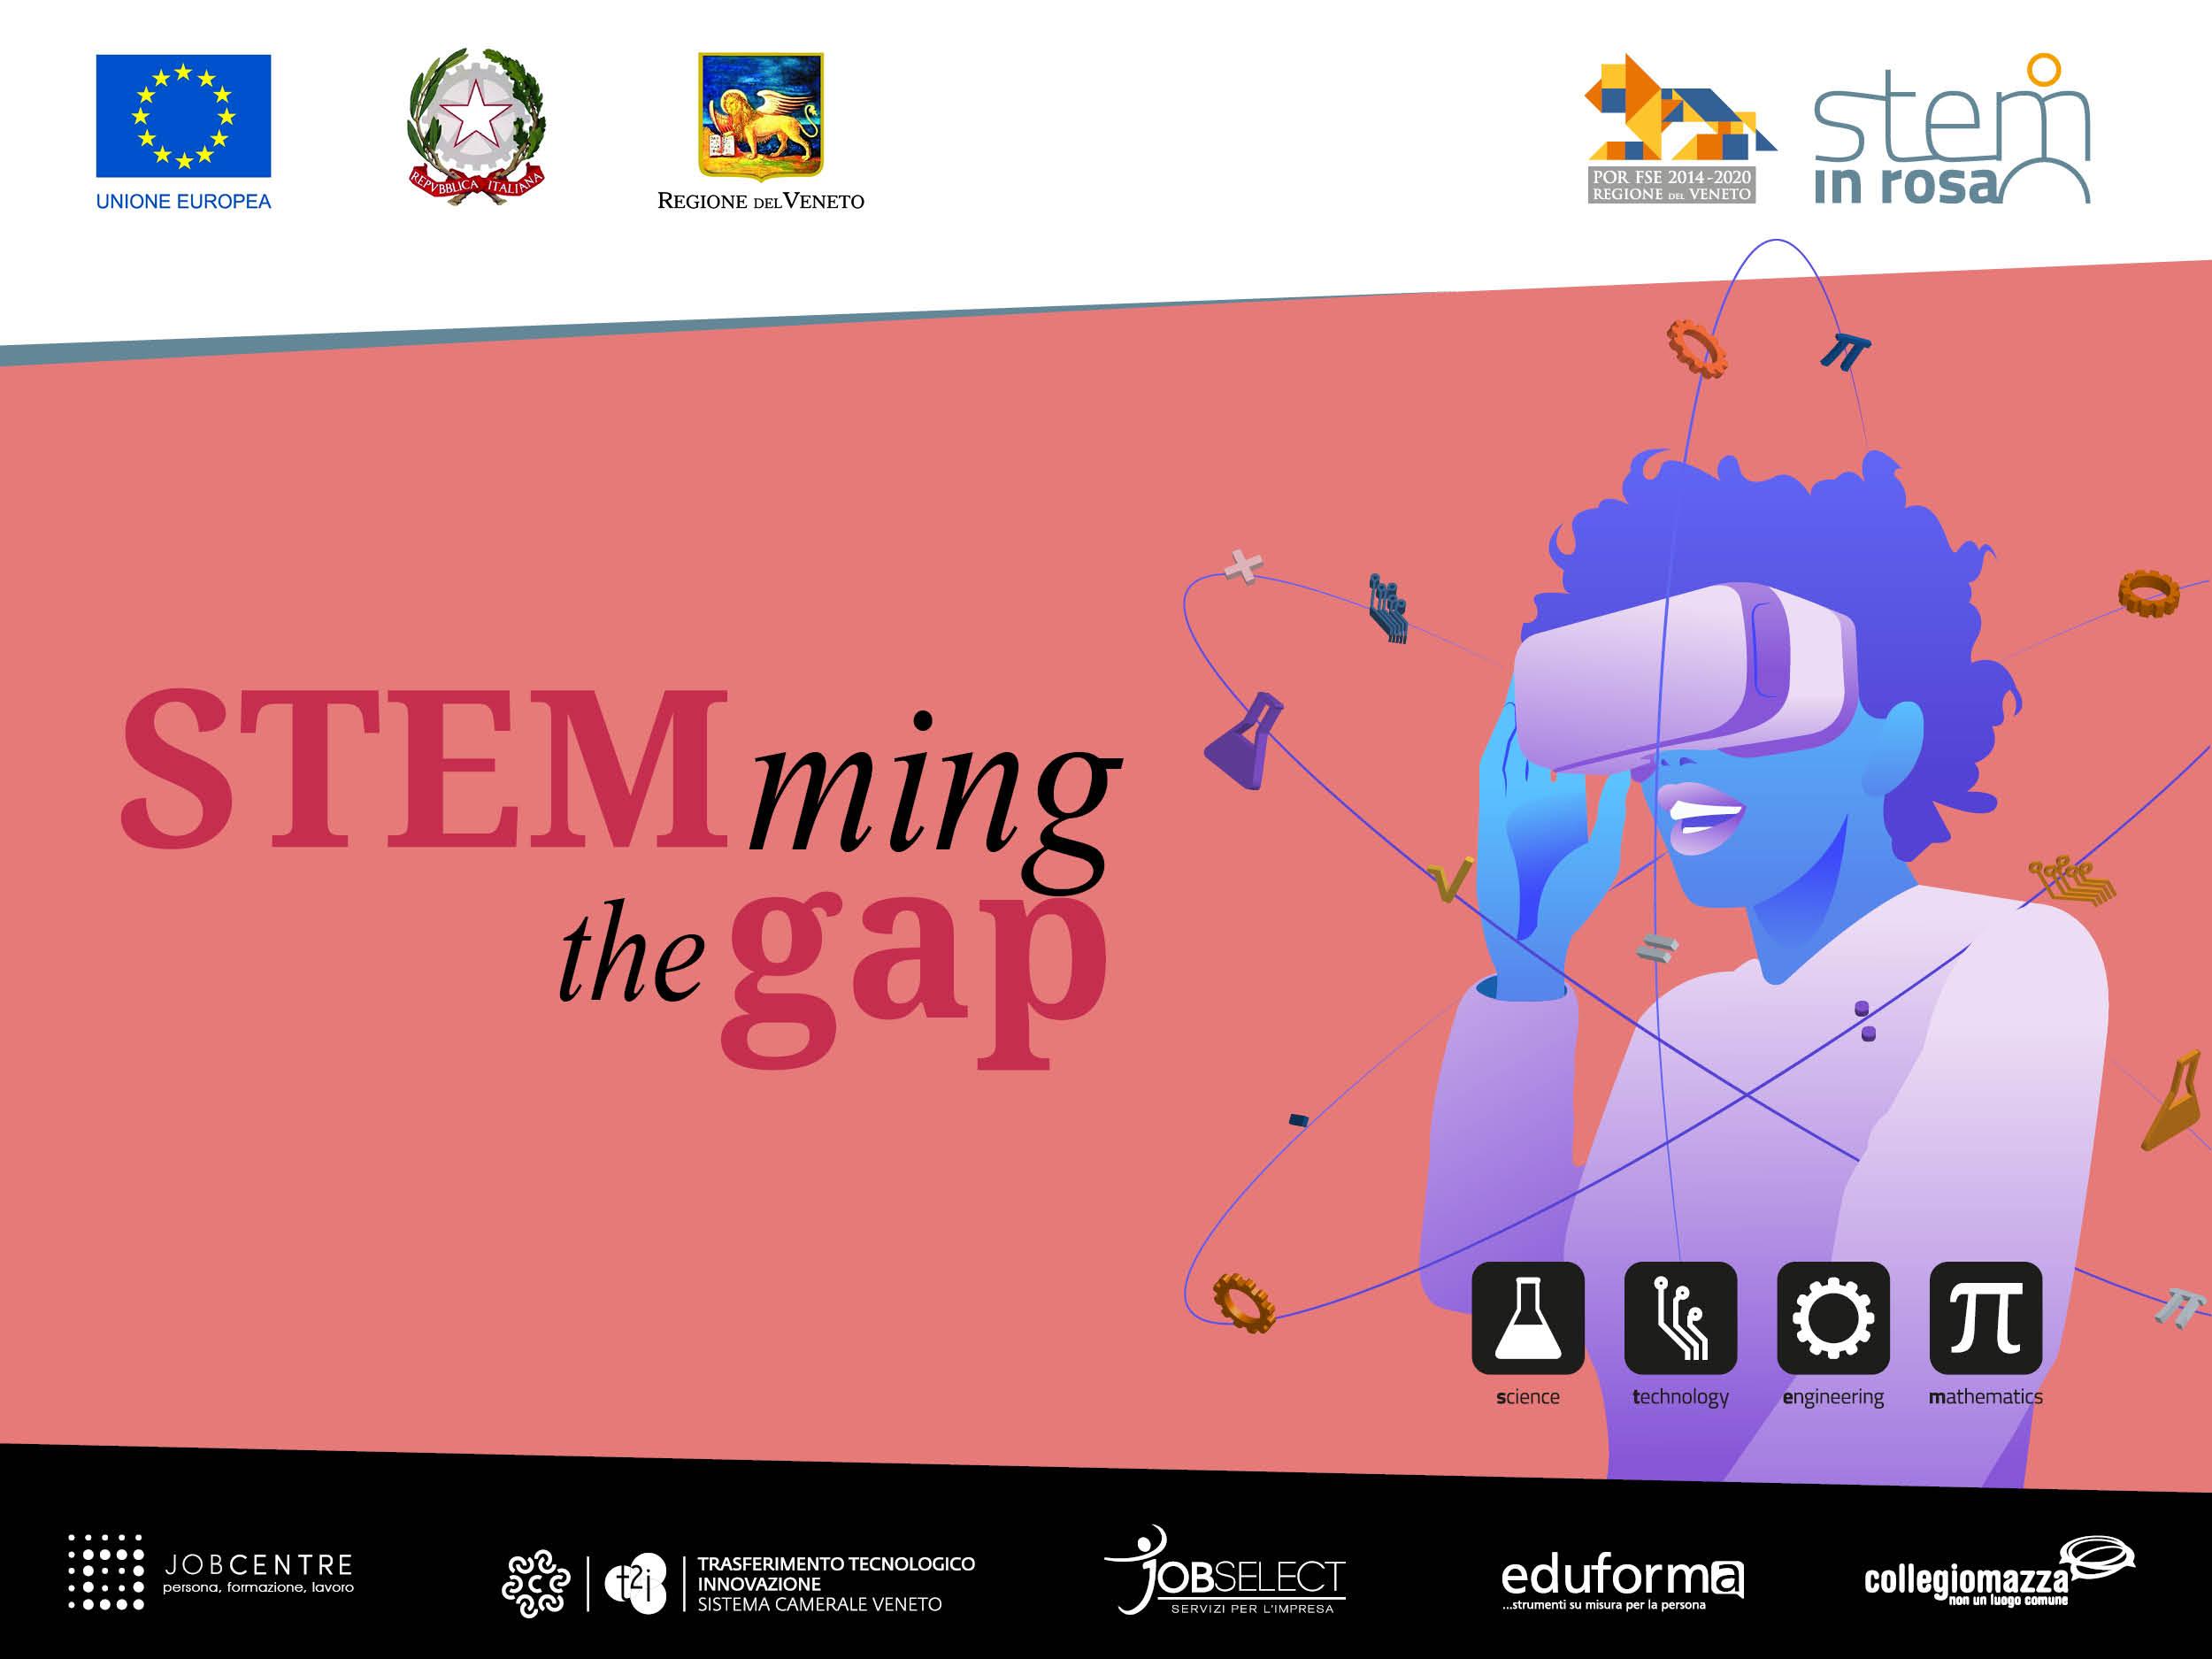 Immagine Padova: Stemming the gap, venerdì 25 ottobre, ore 09.00 - 18.00, Palazzo della Salute.